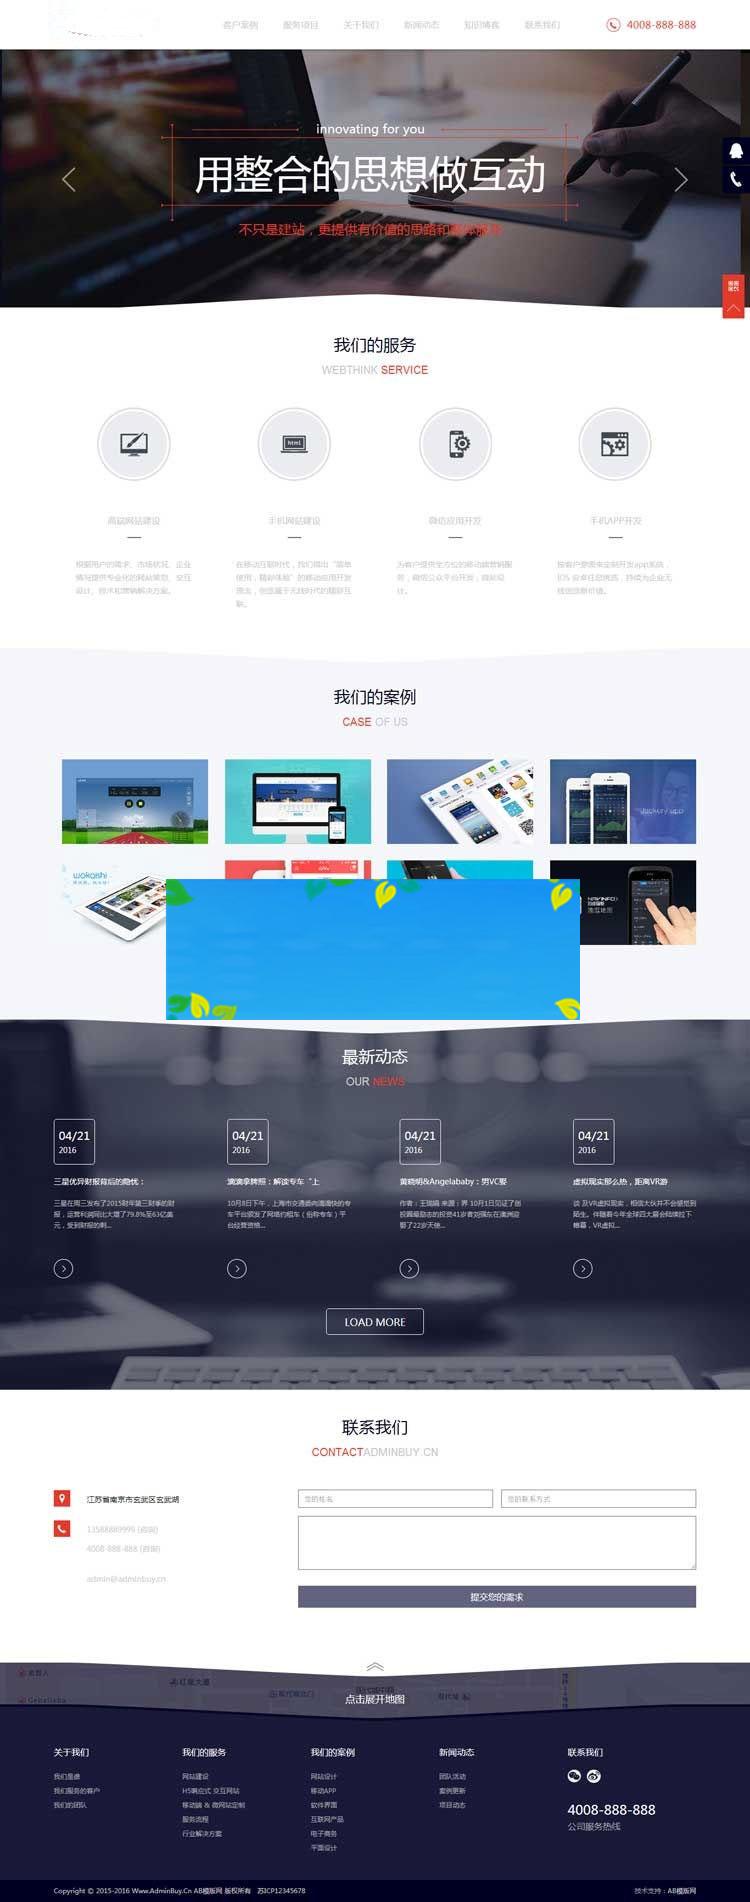 织梦dedecms响应式网络工作室网站建设公司模板(自适应手机移动端)